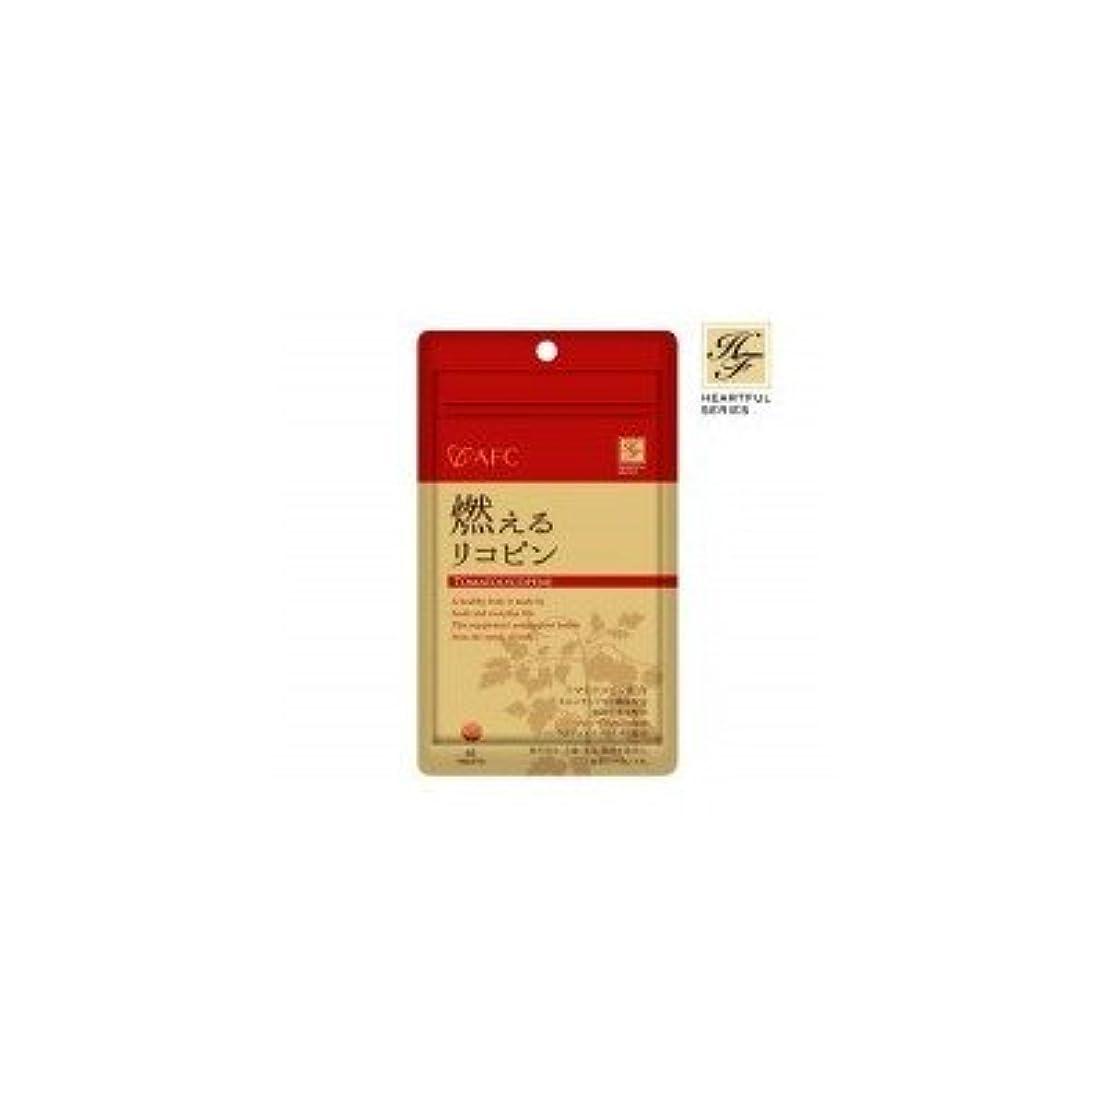 色恥ずかしさ郵便物AFC(エーエフシー) ハートフルシリーズサプリ 燃えるリコピン HFS01×6袋 こころが溢れる健康習慣